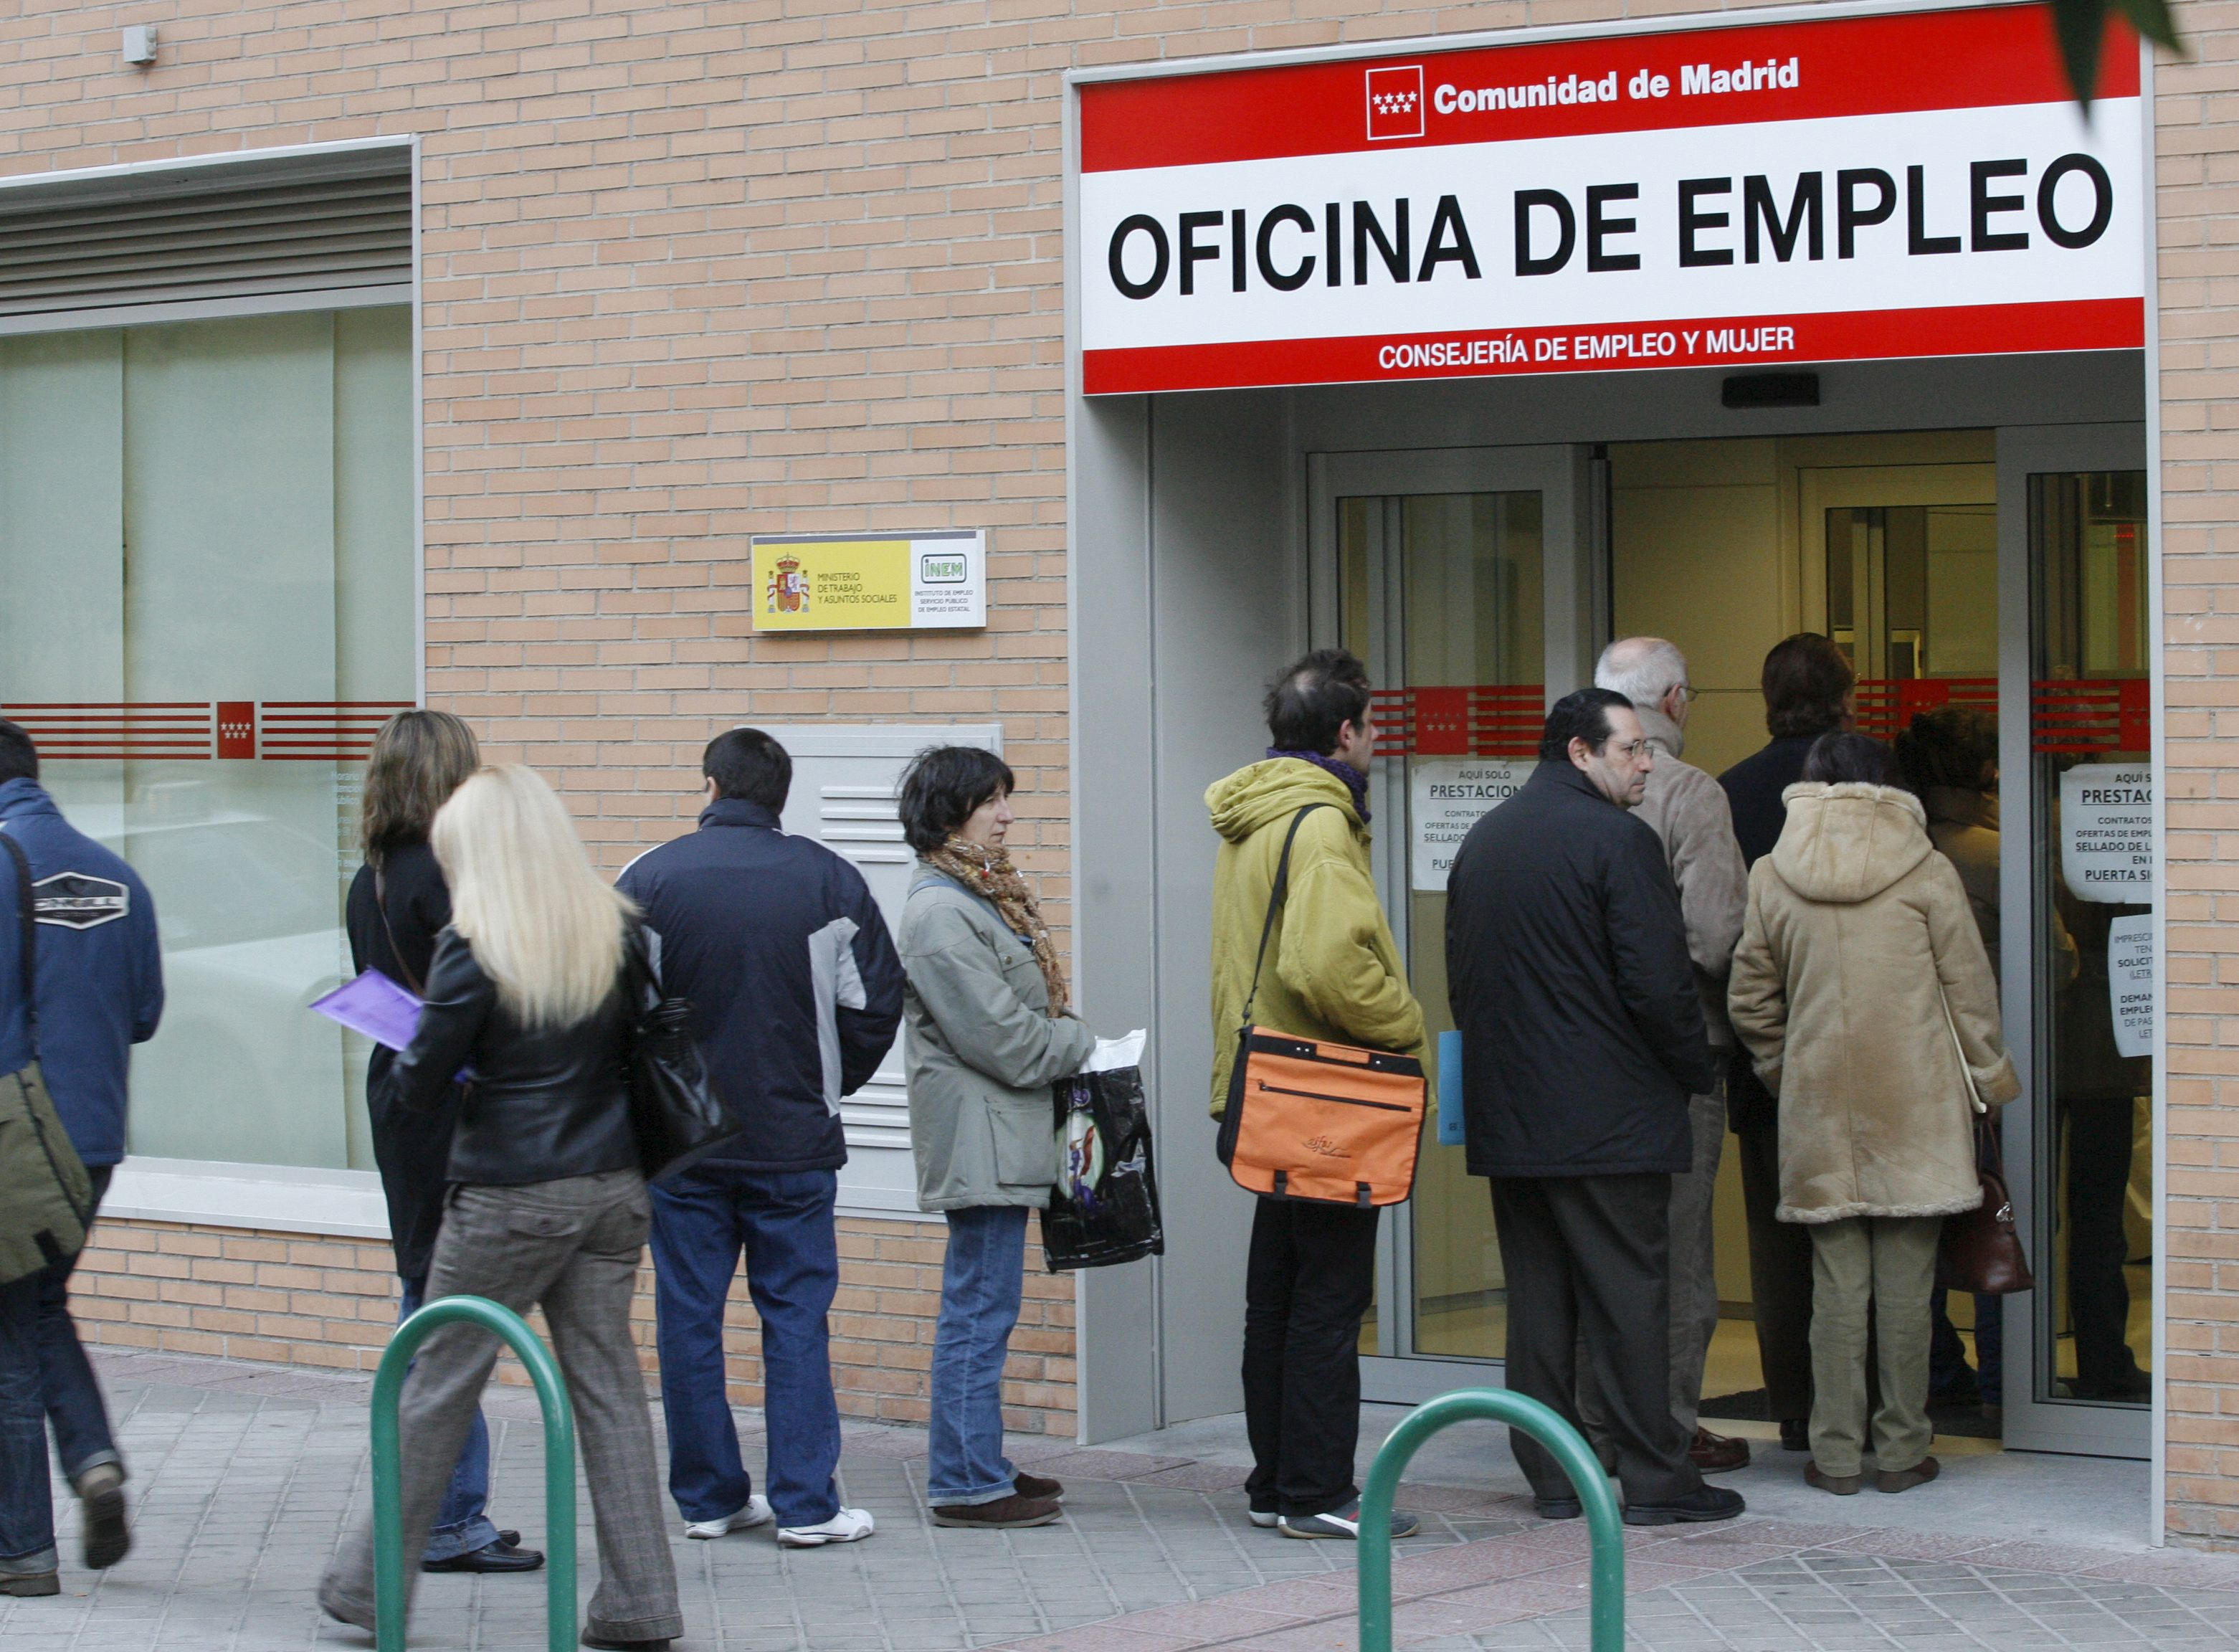 El desempleo volvió a subir en mayo en la zona euro y alcanzó el 12,1 por ciento